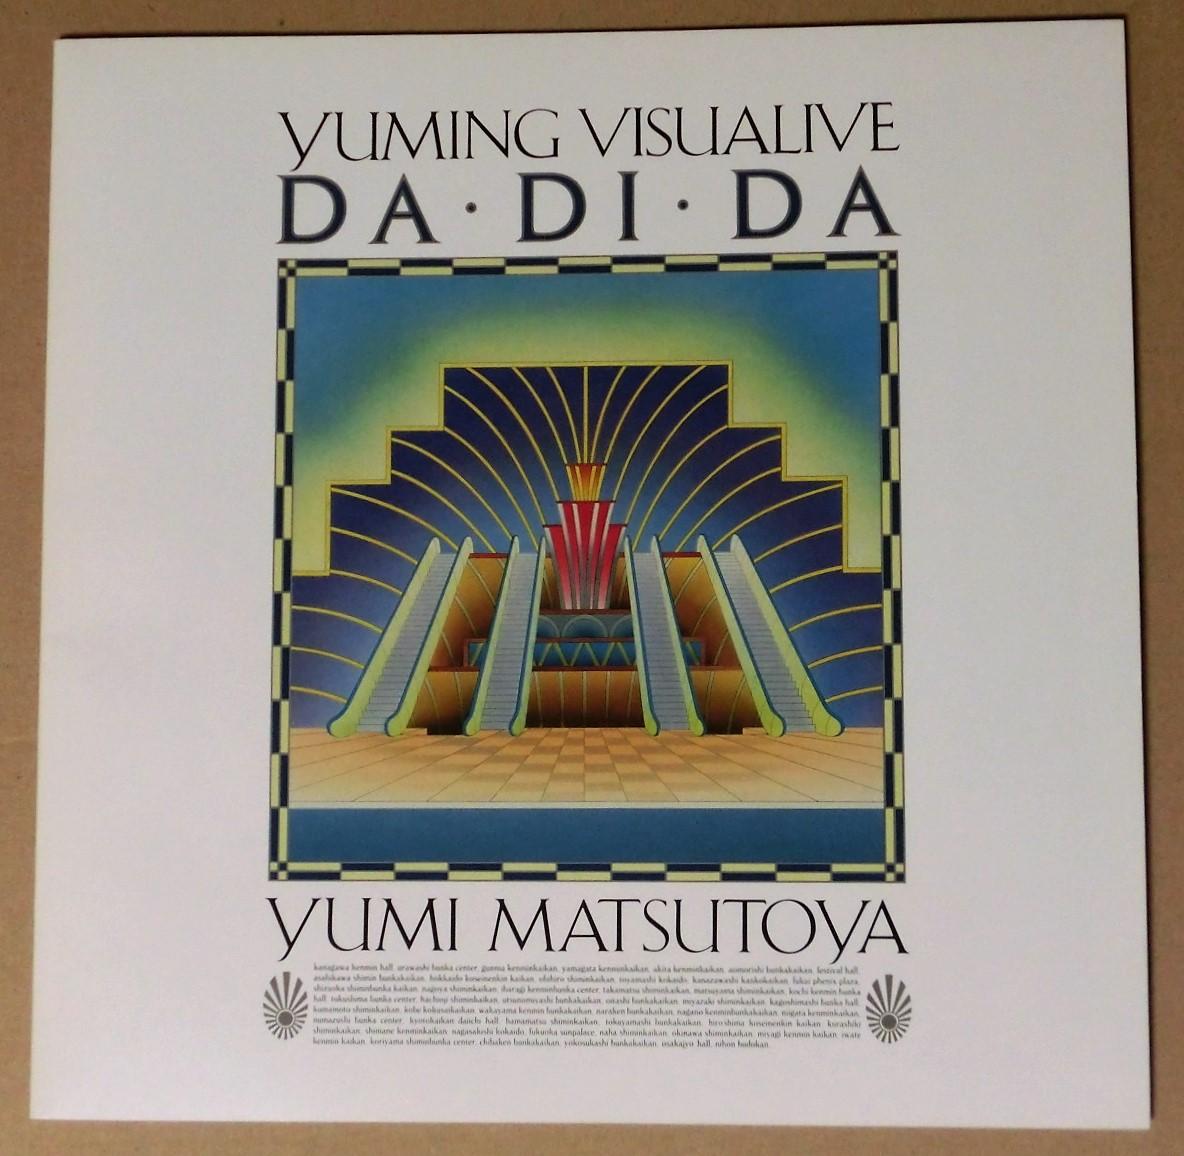 【パンフ&ケース付】松任谷由実 CD 『YUMING VISUALIVE DA・DI・DA / ダ・ディ・ダ』 限定盤_画像6